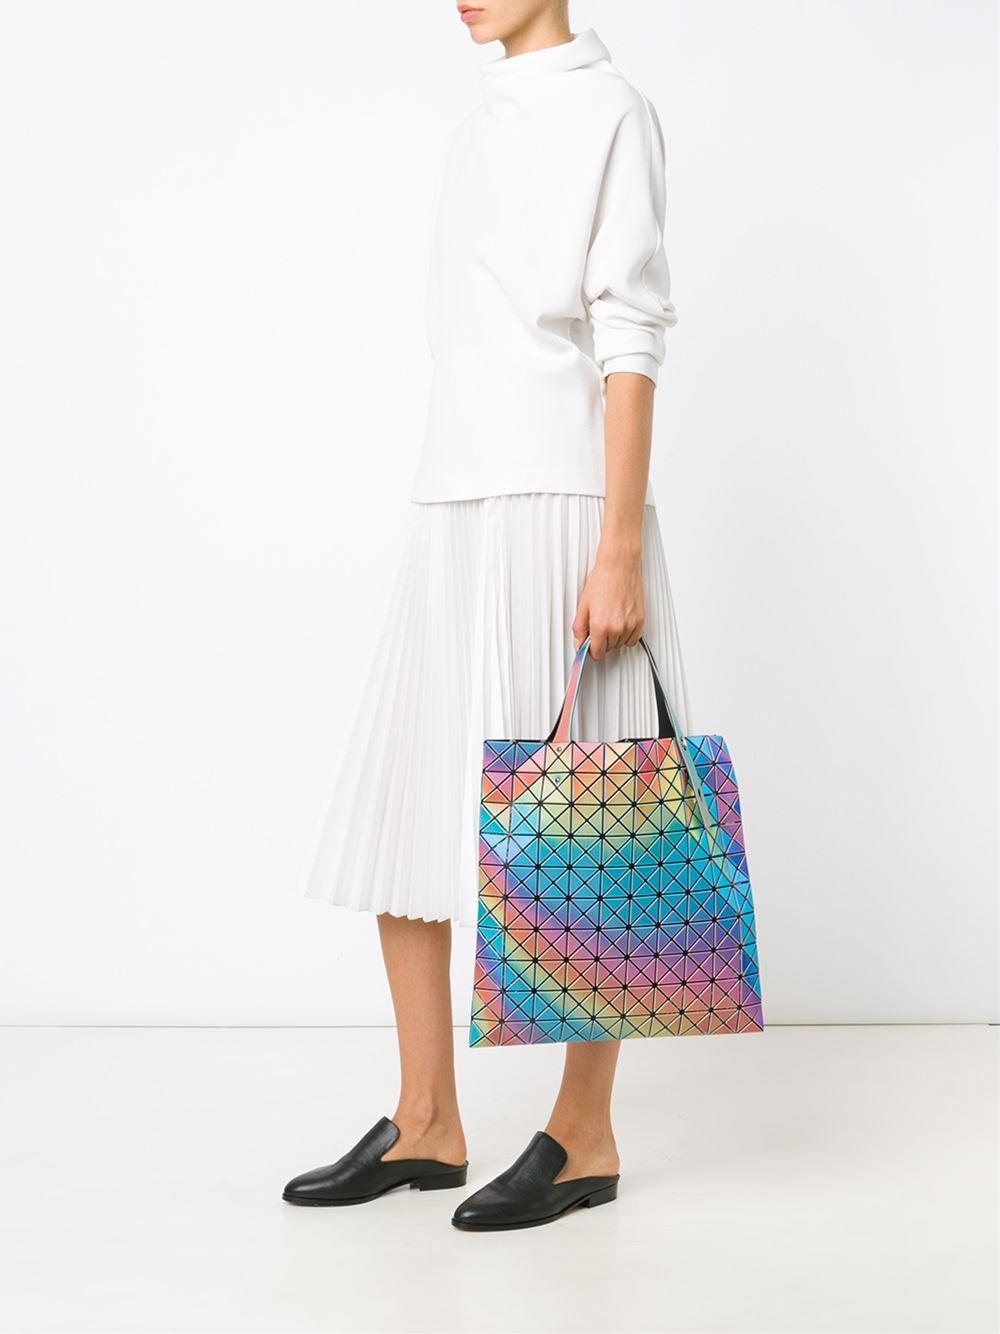 Issey Miyake rainbow prism tote $731.79